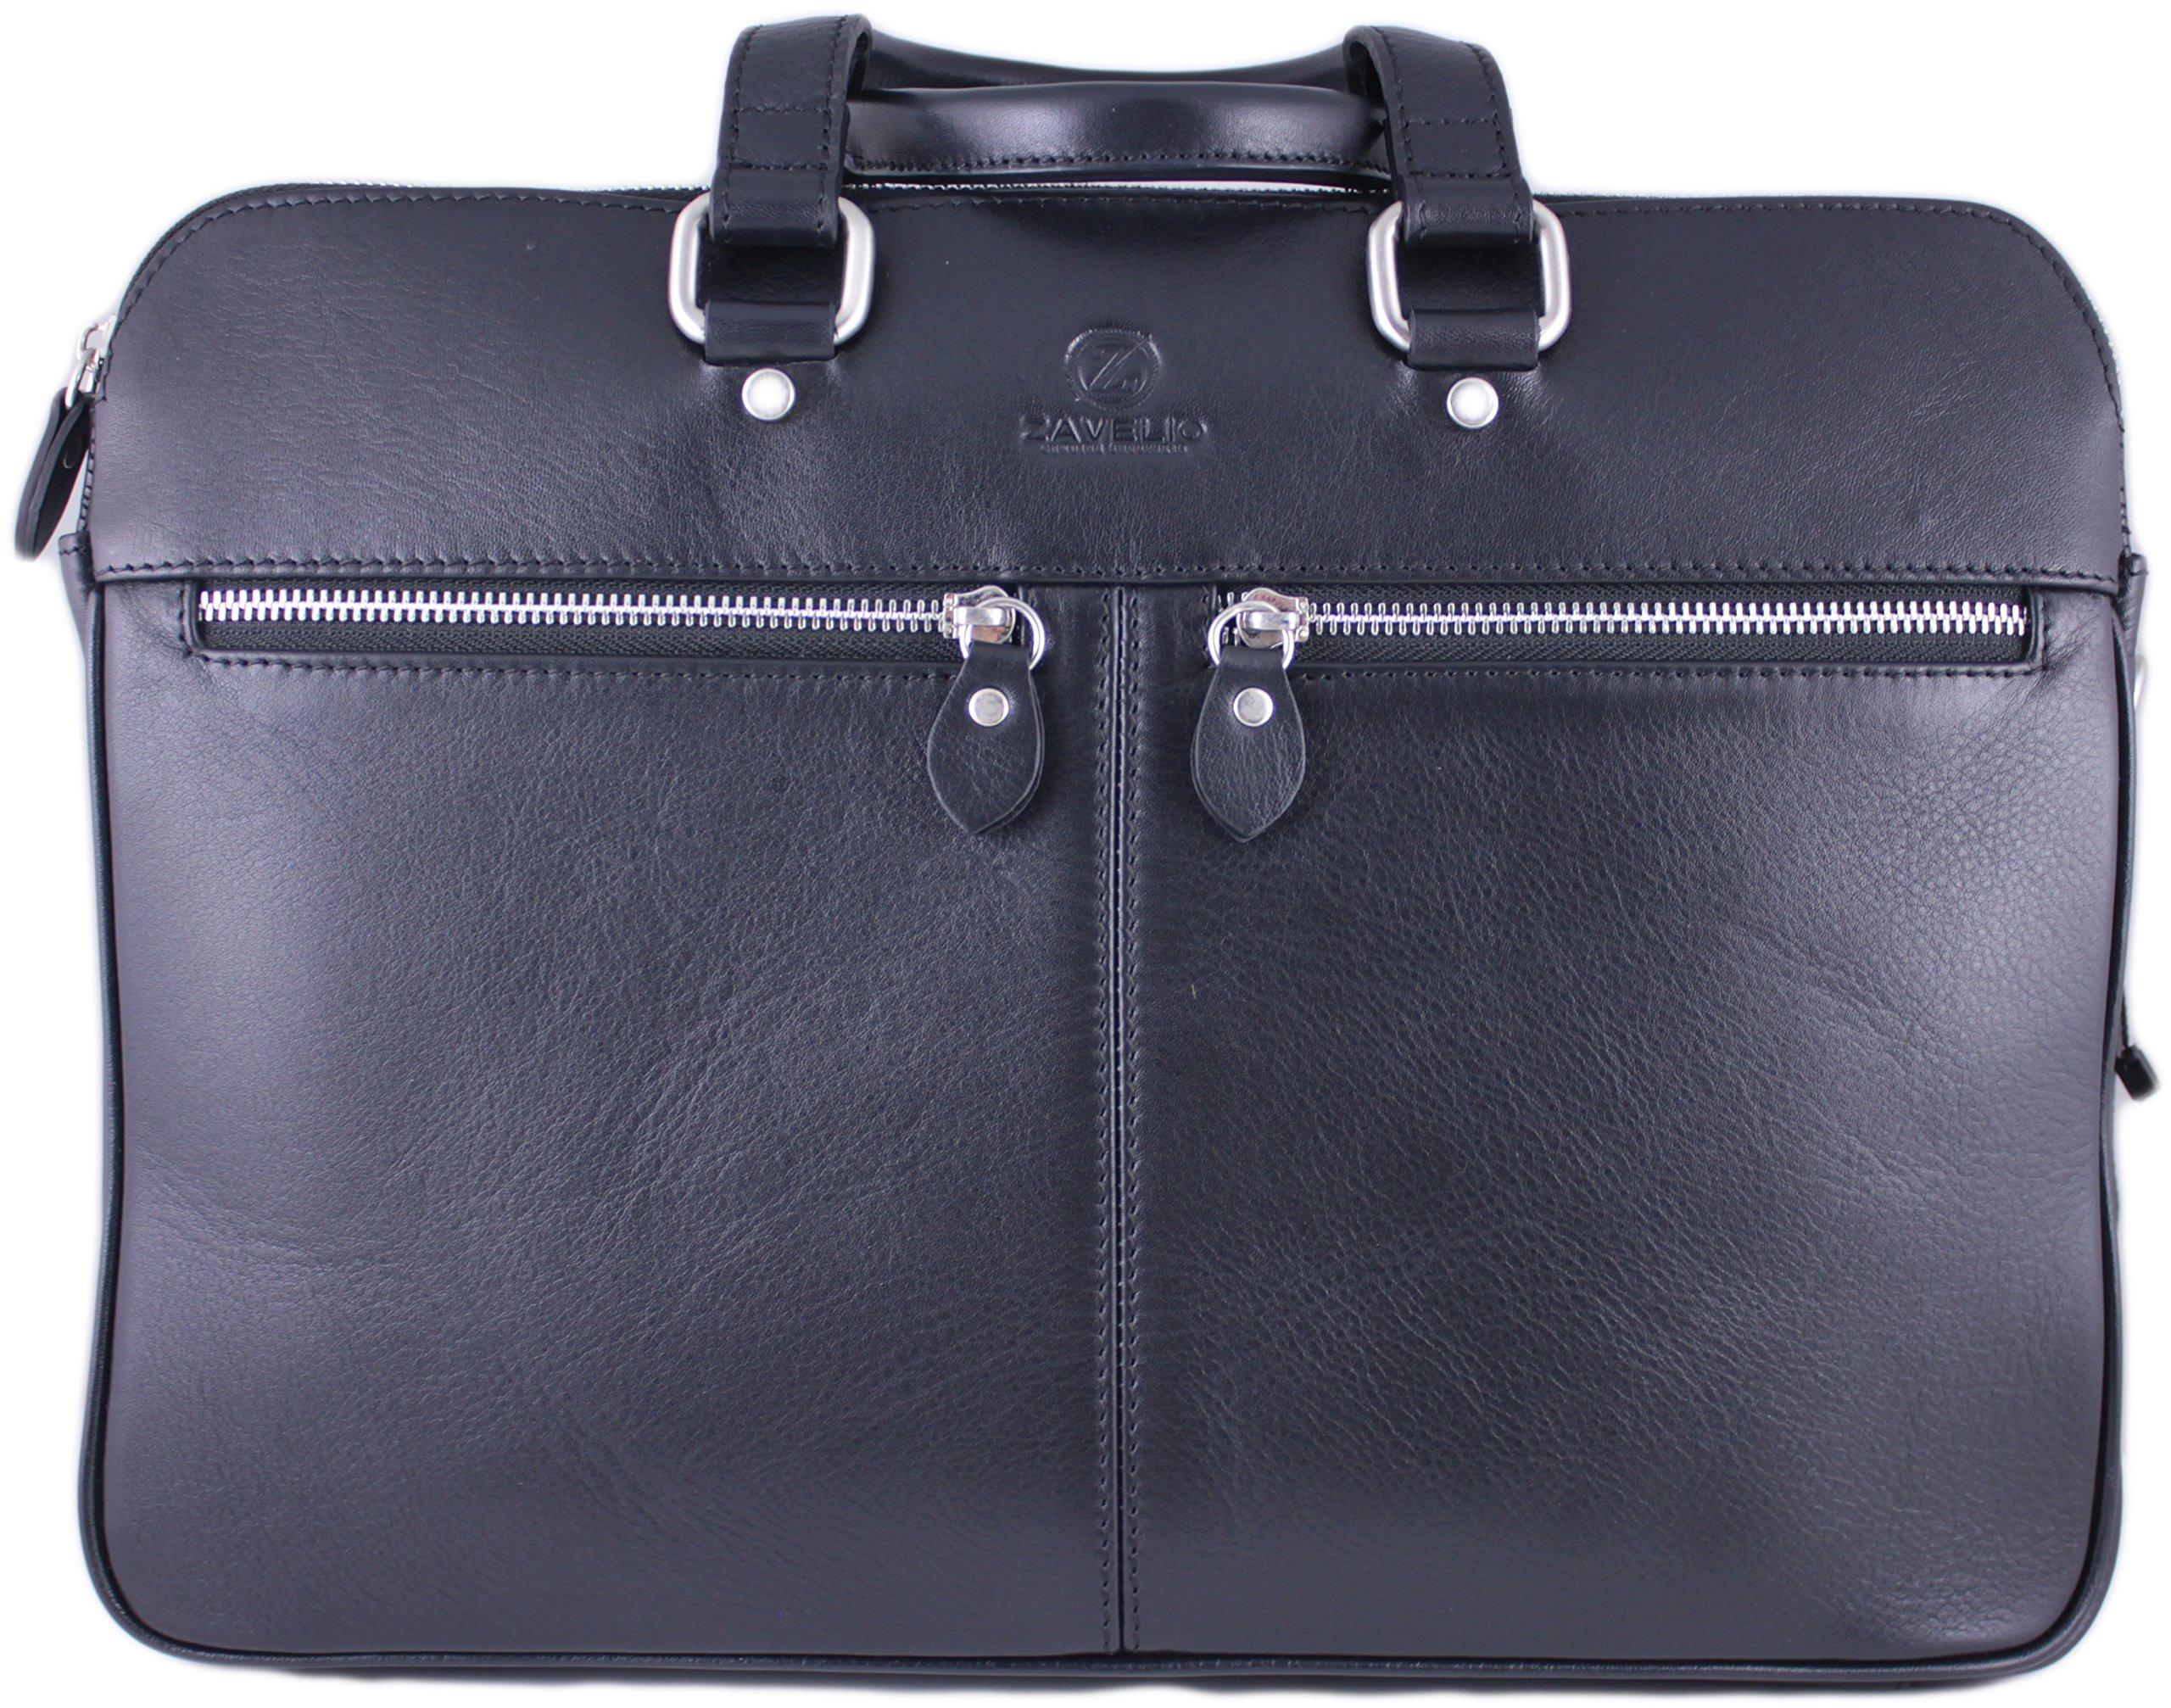 Zavelio Men's David Genuine Leather Business Briefcase Messenger Shoulder Bag Black